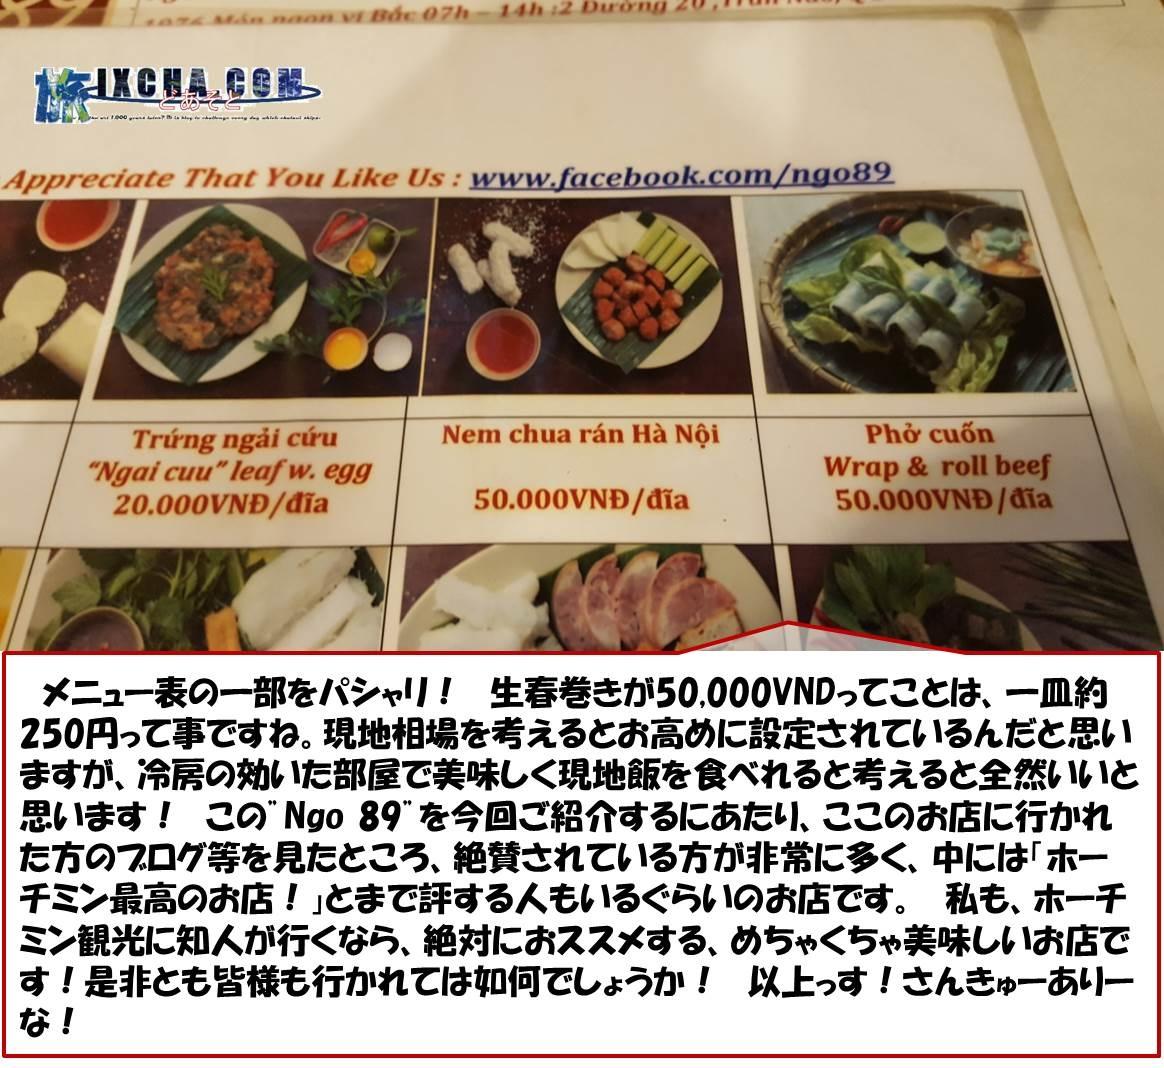 """メニュー表の一部をパシャリ! 生春巻きが50,000VNDってことは、一皿約250円って事ですね。現地相場を考えるとお高めに設定されているんだと思いますが、冷房の効いた部屋で美味しく現地飯を食べれると考えると全然いいと思います! この""""Ngo 89""""を今回ご紹介するにあたり、ここのお店に行かれた方のブログ等を見たところ、絶賛されている方が非常に多く、中には「ホーチミン最高のお店!」とまで評する人もいるぐらいのお店です。 私も、ホーチミン観光に知人が行くなら、絶対におススメする、めちゃくちゃ美味しいお店です!是非とも皆様も行かれては如何でしょうか! 以上っす!さんきゅーありーな!"""